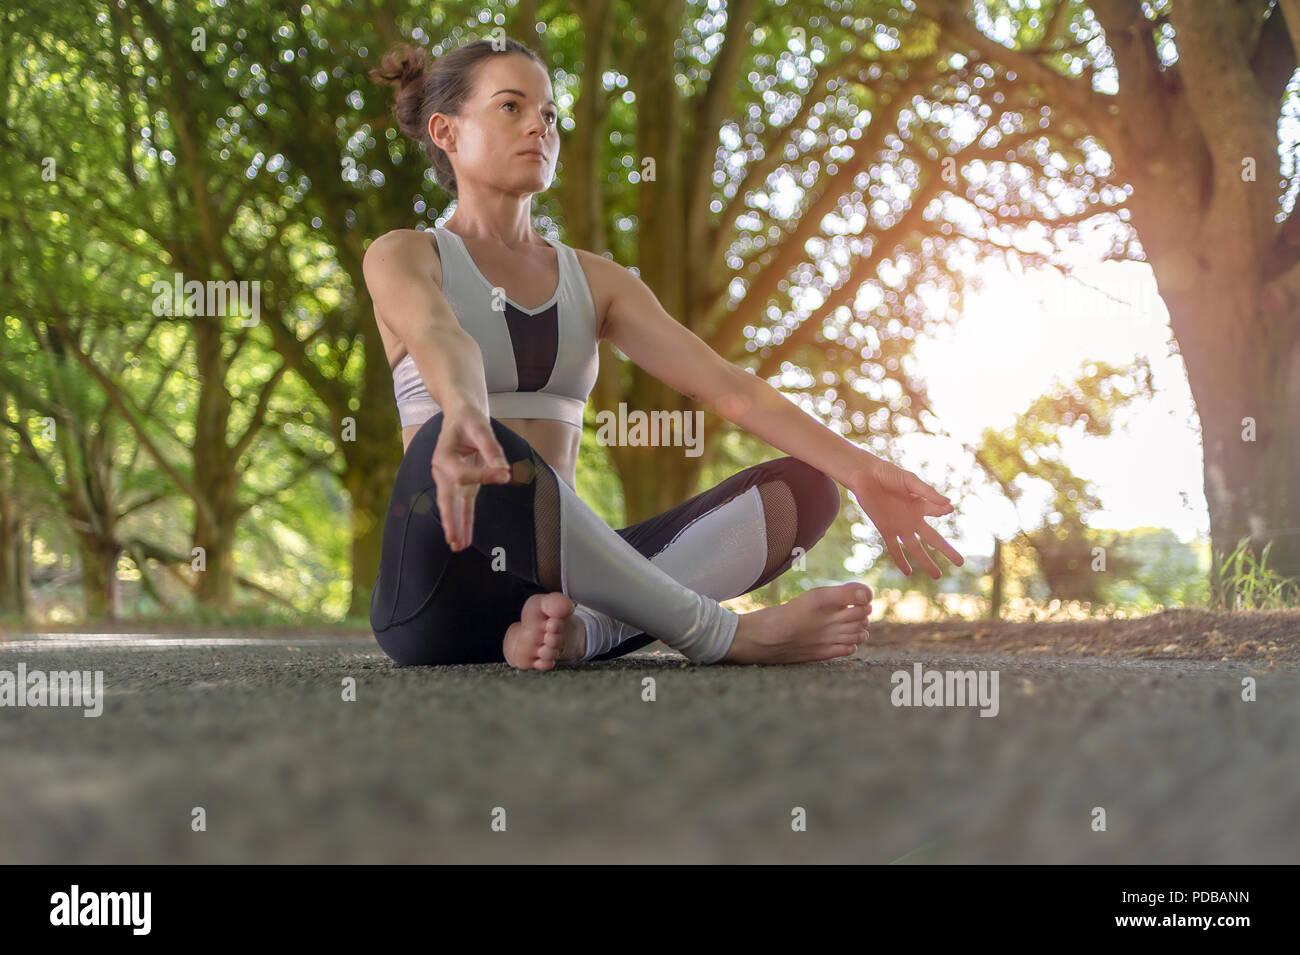 Mujer sentada meditando fuera con árboles, Imagen De Stock